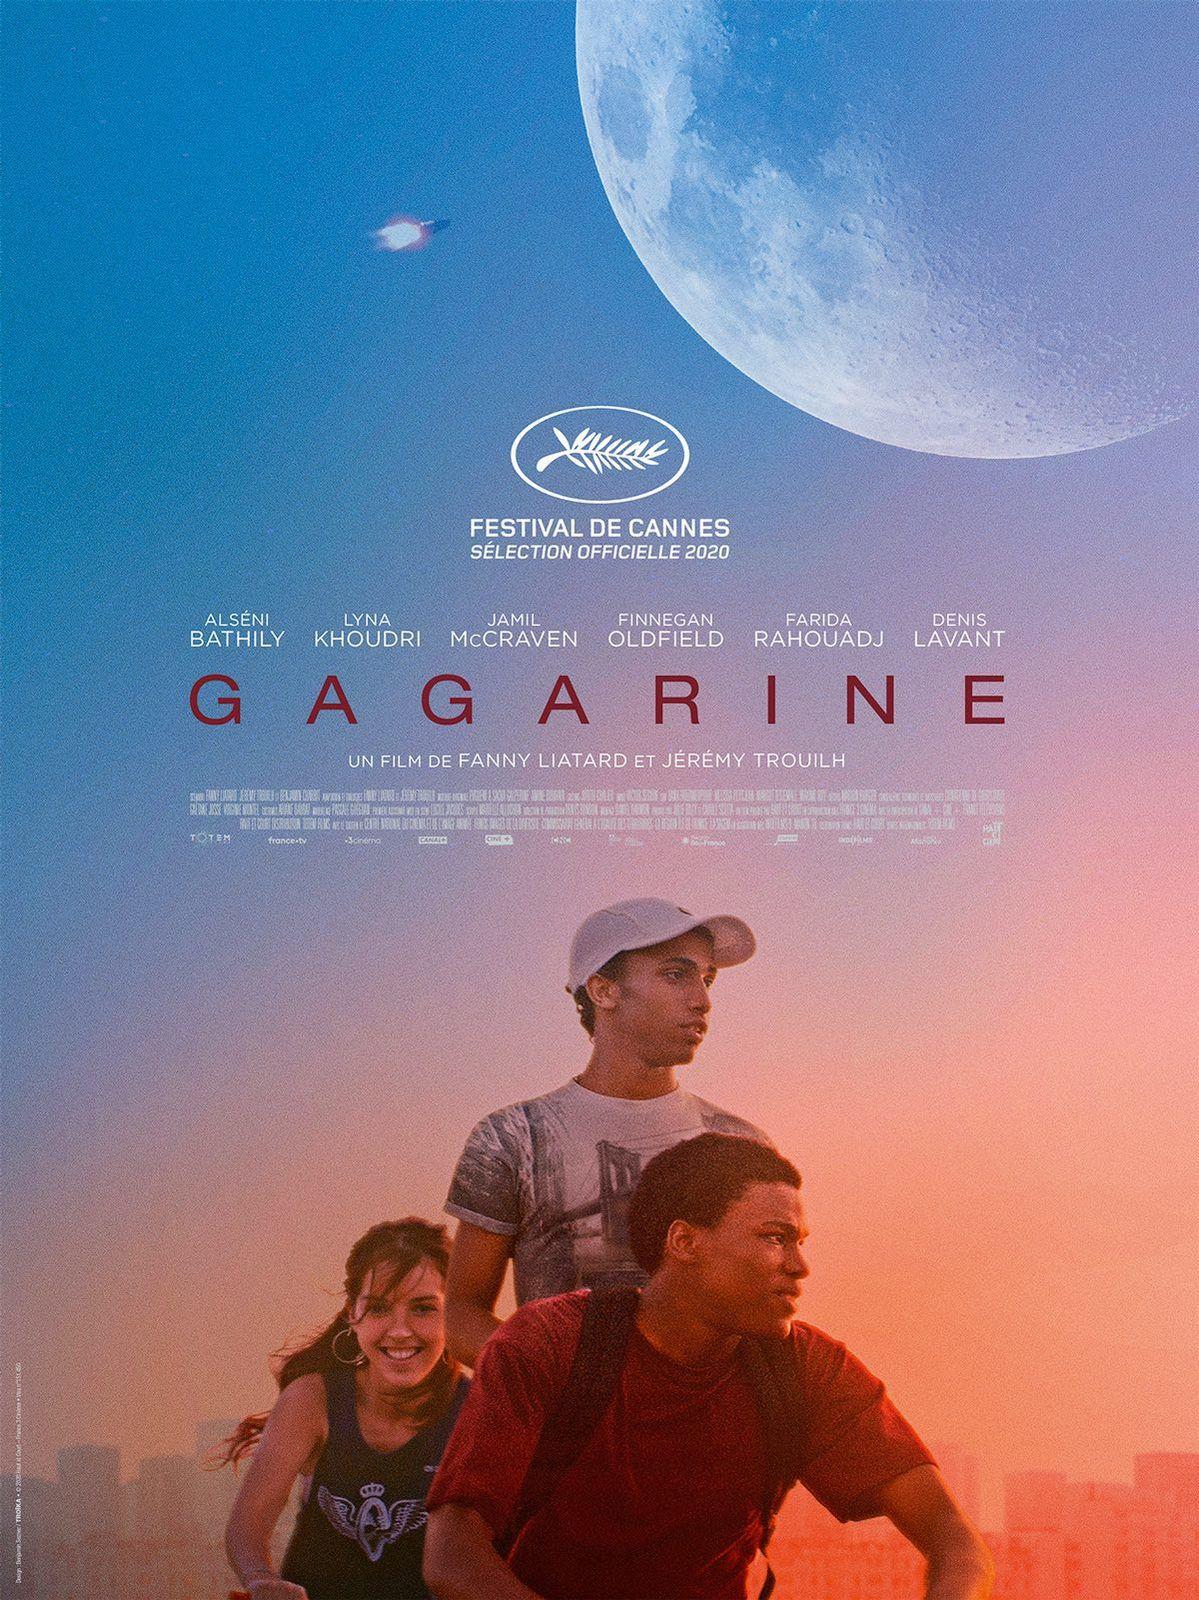 Teaser vidéo du film Gagarine.